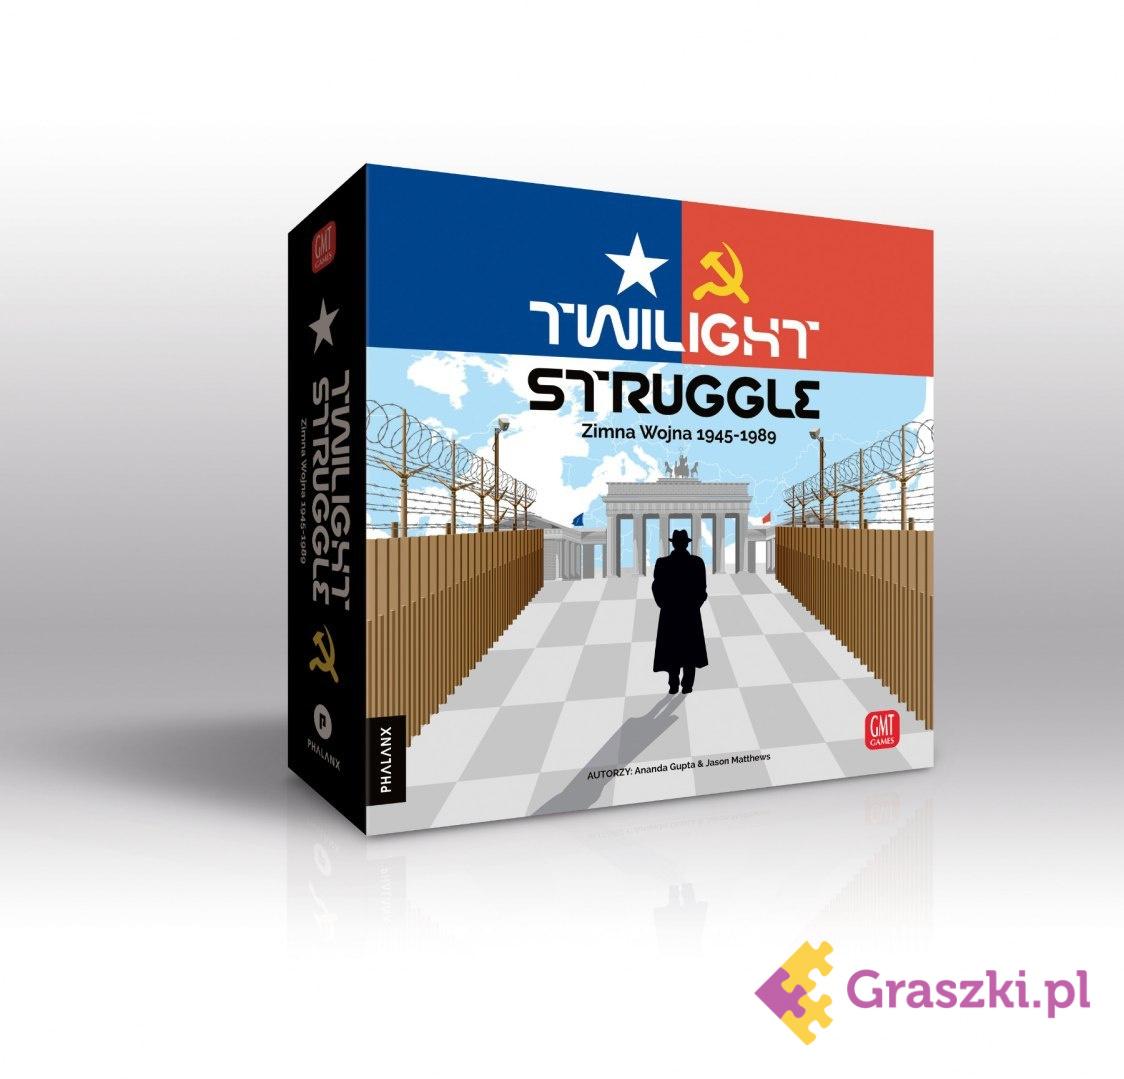 TWILIGHT STRUGGLE Zimna Wojna 194589 | Phalanx